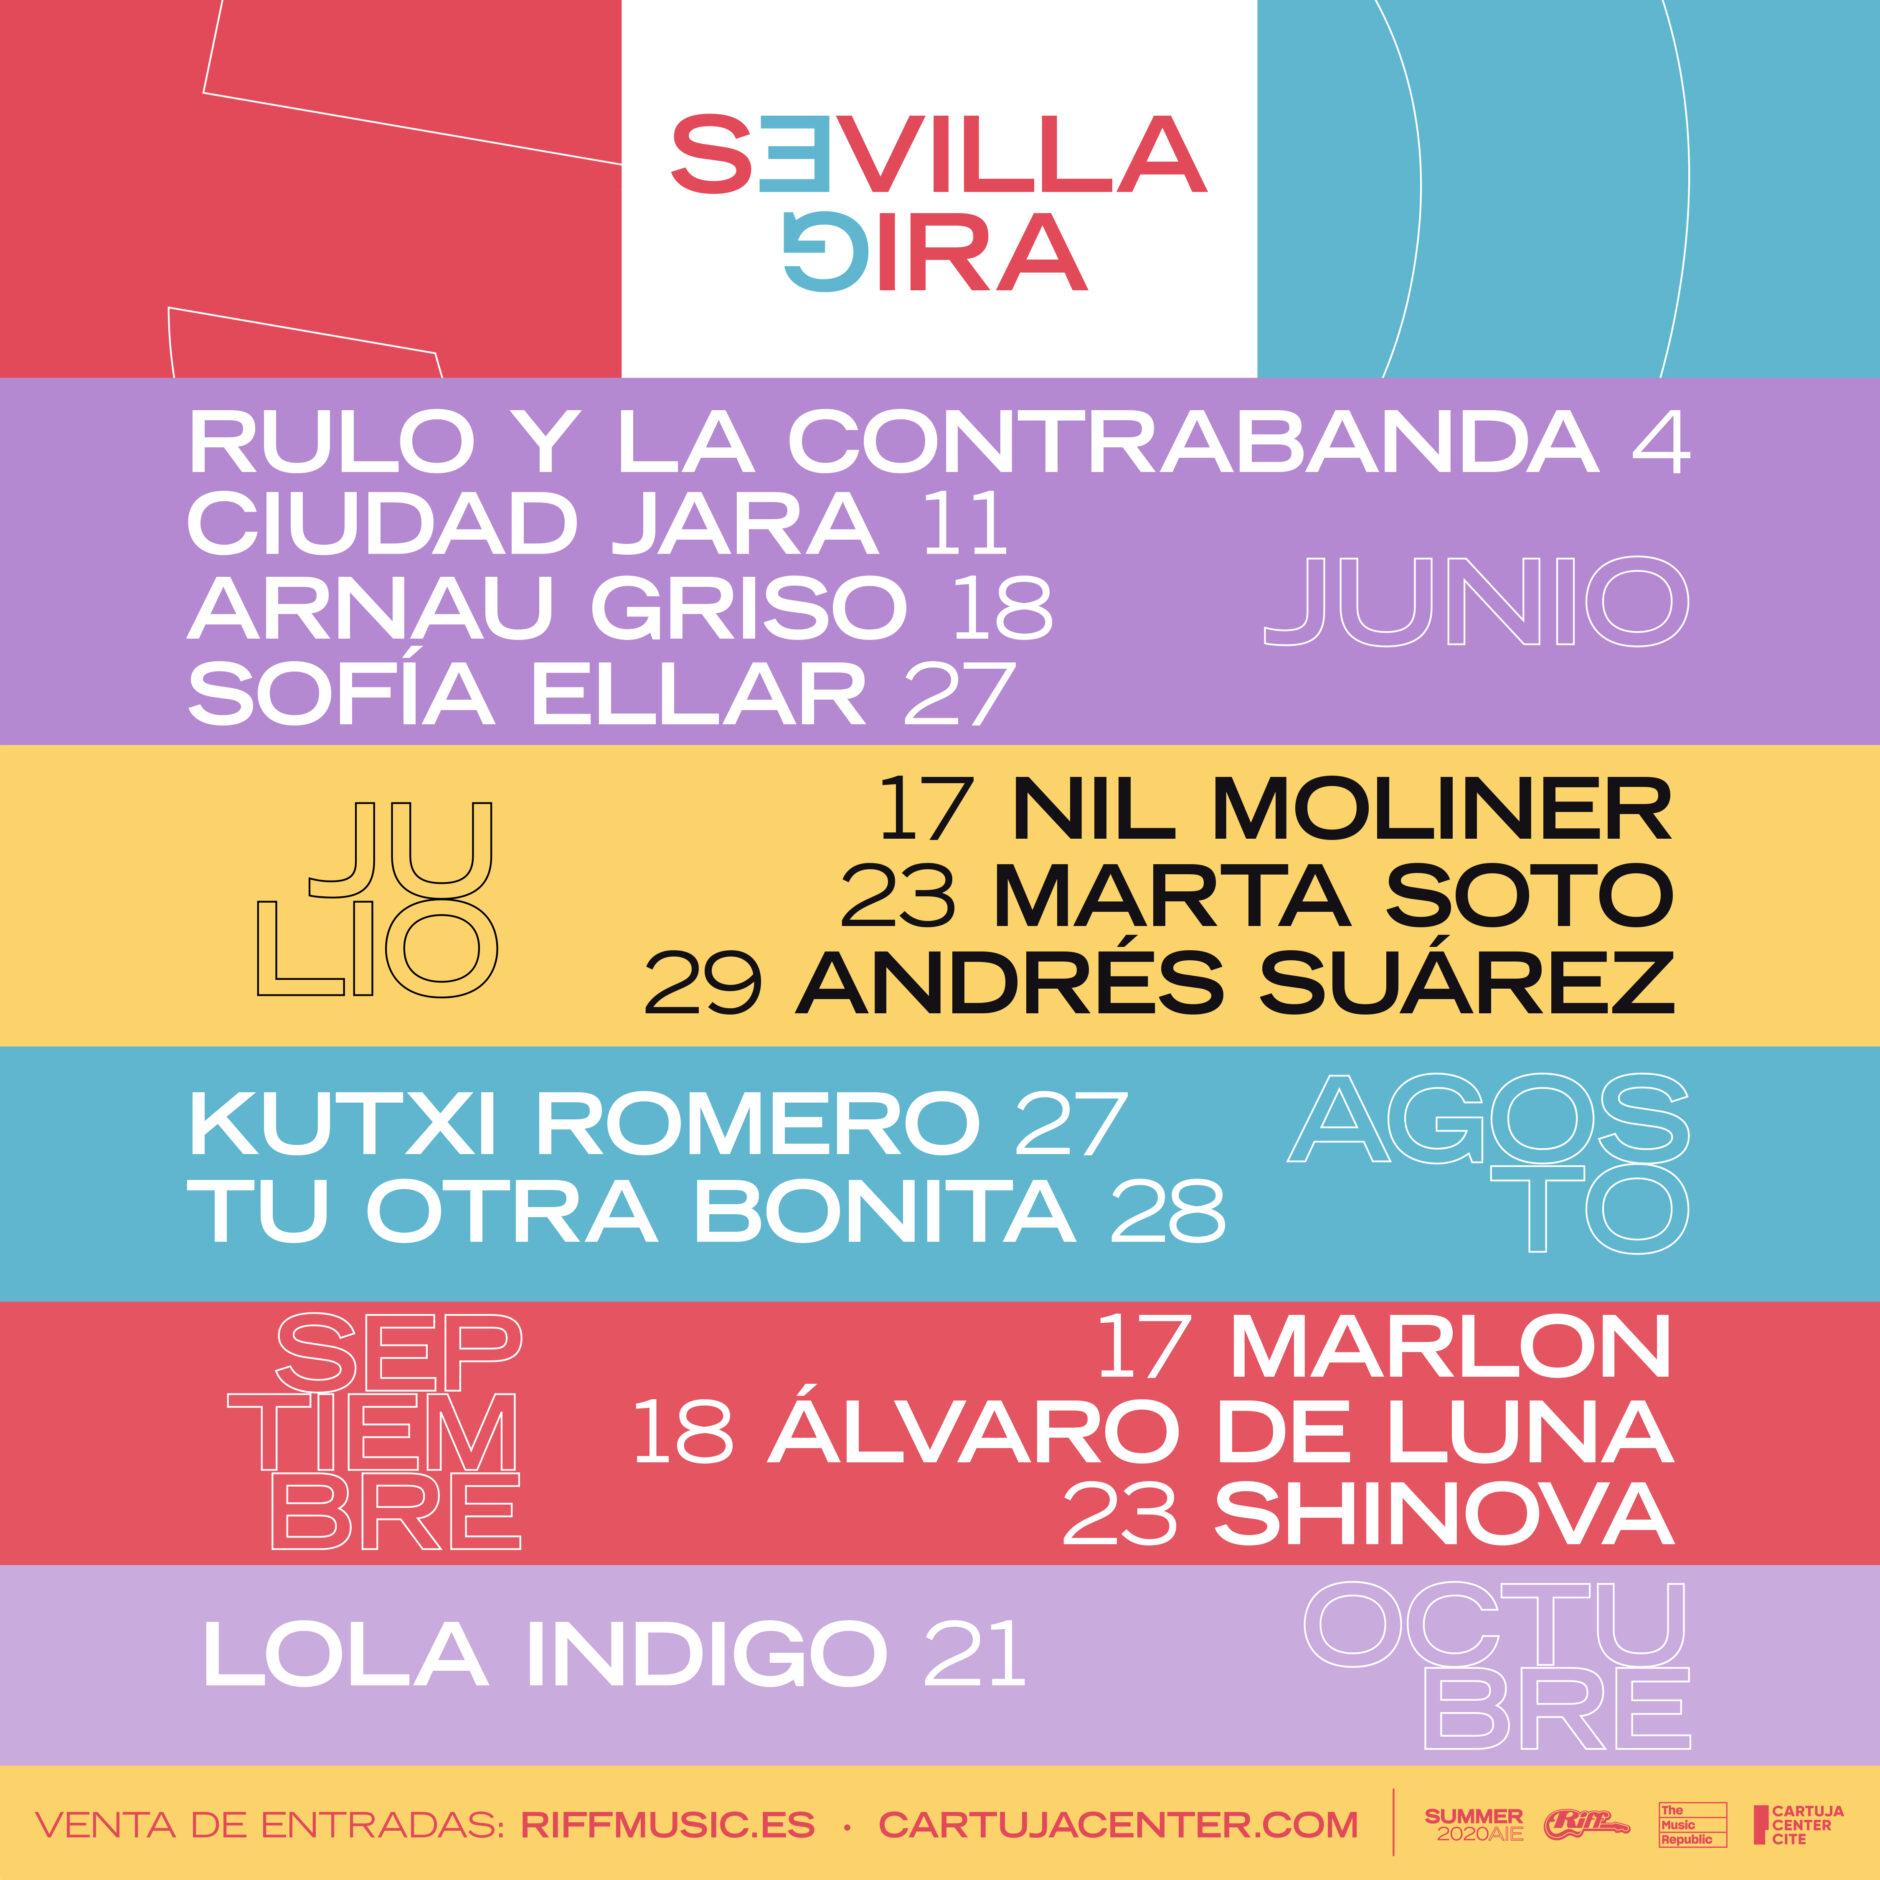 SOFÍA ELLAR Y LOLA ÍNDIGO SE UNEN AL CICLO GIRA SEVILLA 3